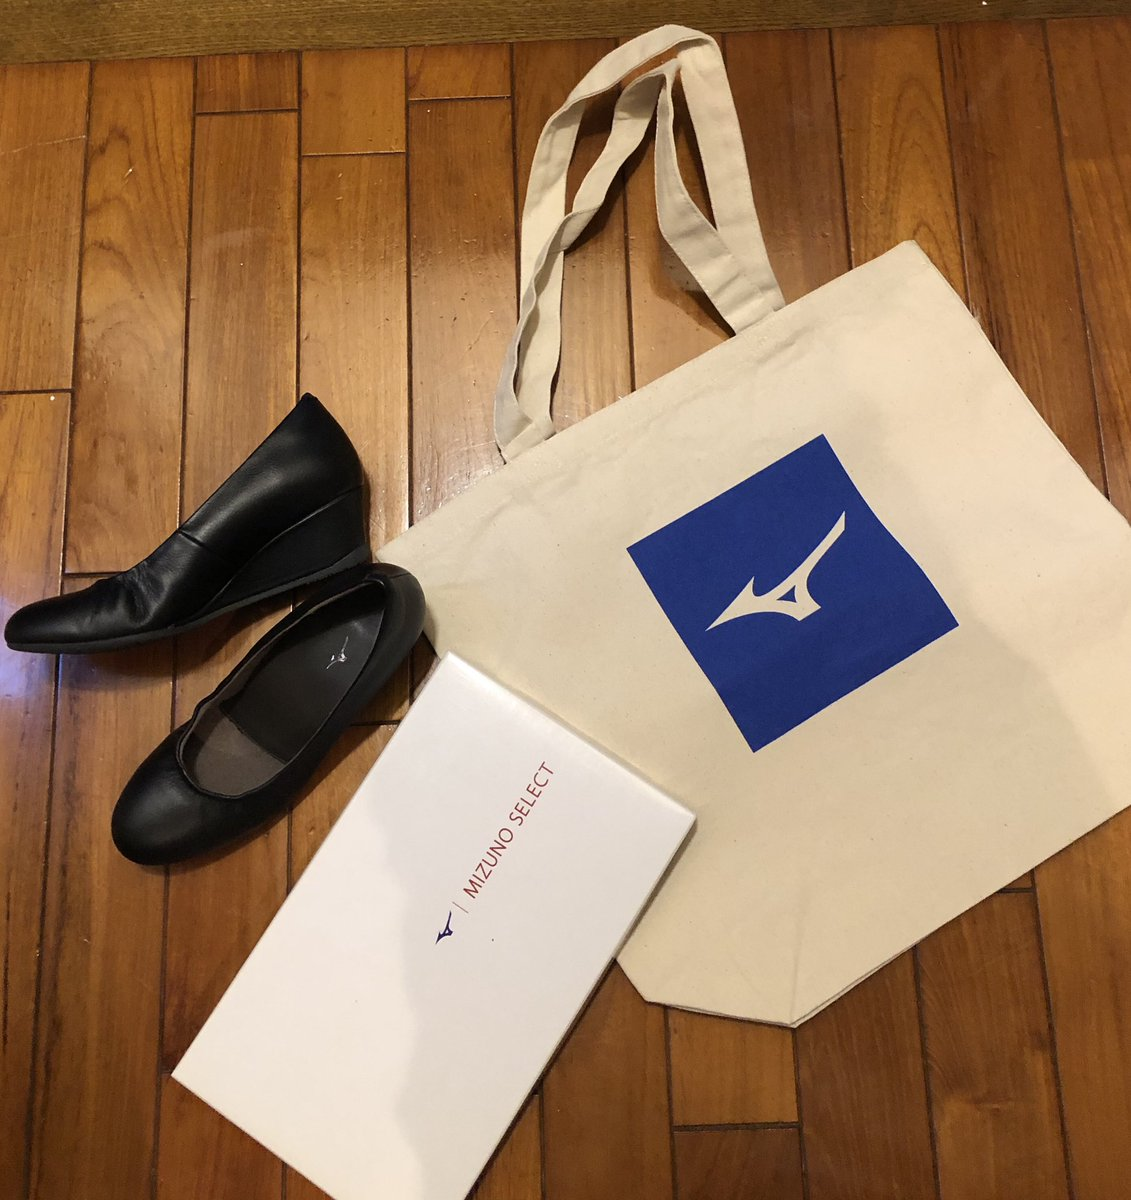 MIZUNOさんの「からだにいい靴プロジェクト」のtweetみたので思い出し投稿。 葬式でツラかったので、買っちゃいましたセレクト700。エスポートミズノさんでフィッティングして履き口ほぐしていただいた。そんなサービスあるとは知らなかった百貨店セール購入民でした。プチセレブ感。(安い💦)